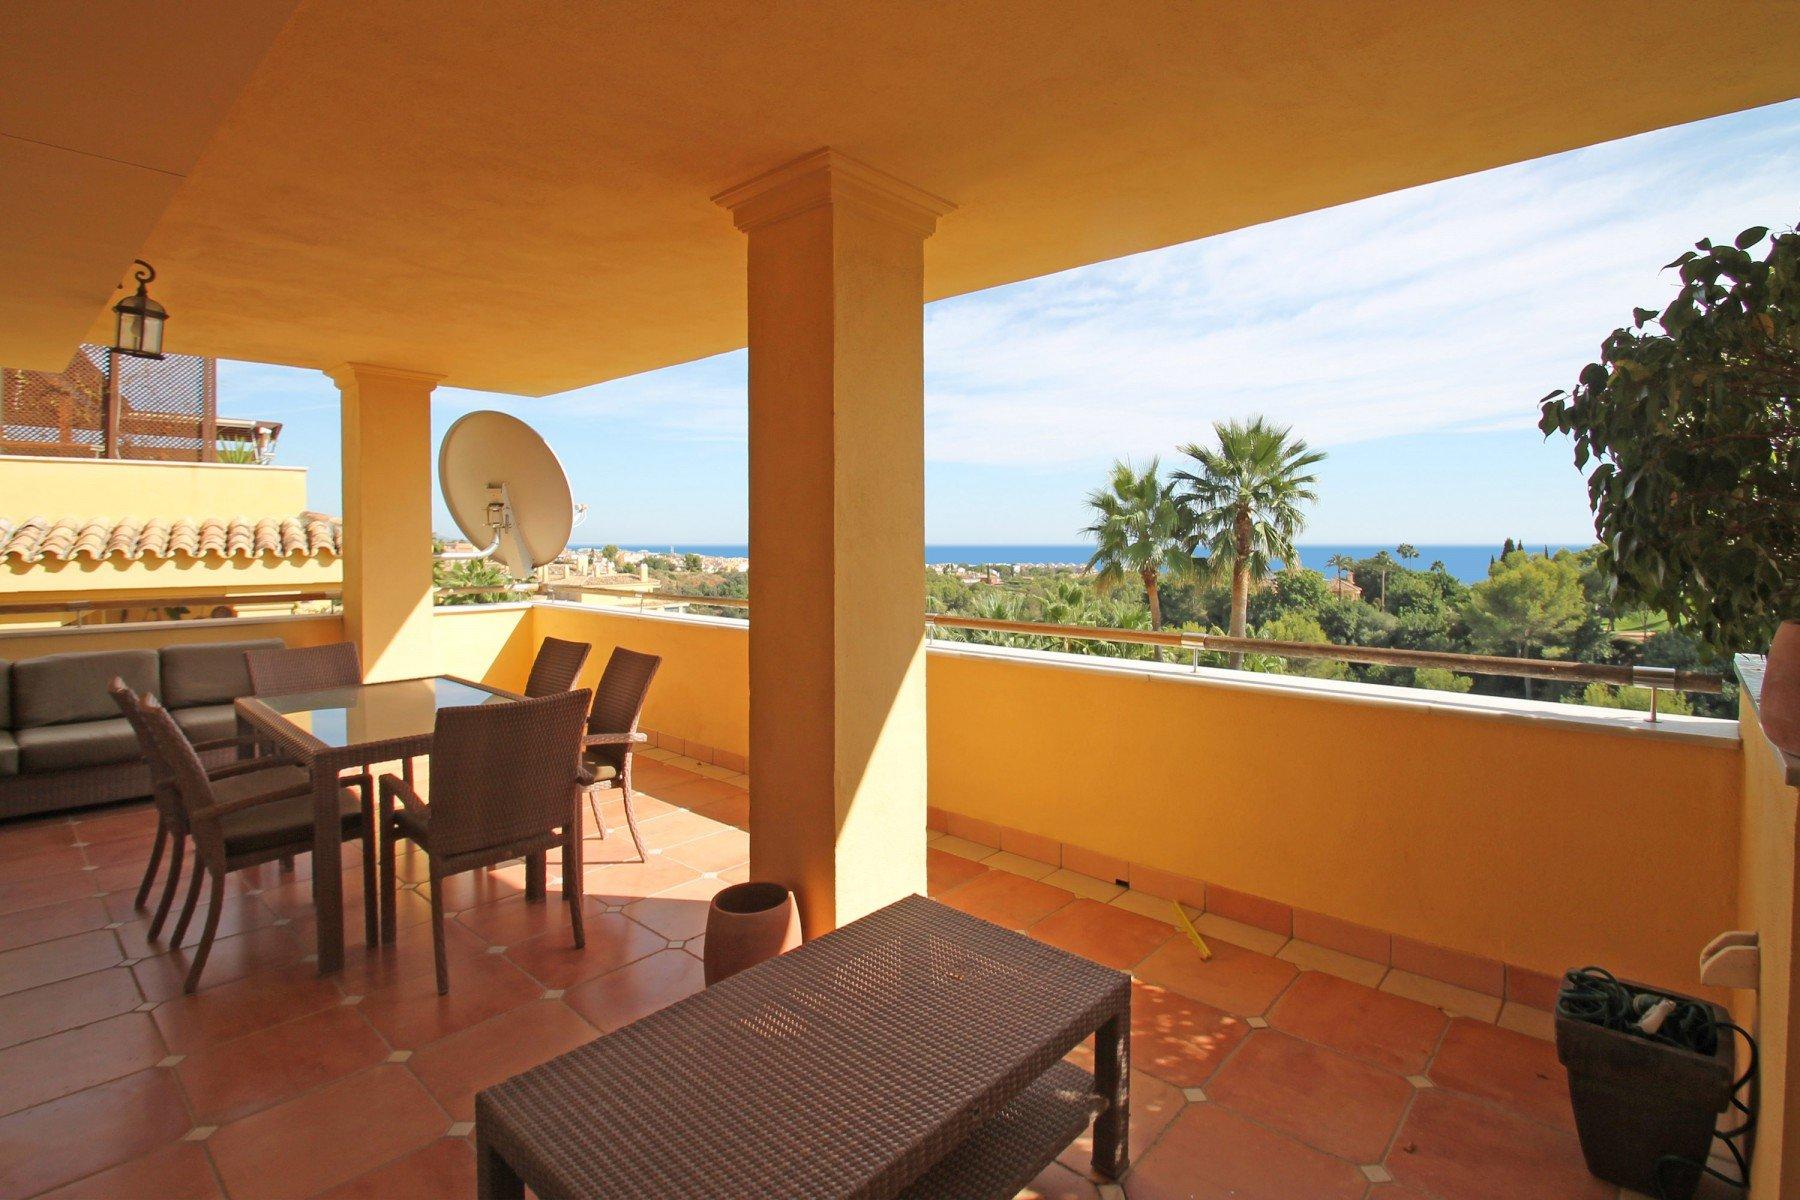 Apartment for sale in Marbella, Condado de Sierra Blanca